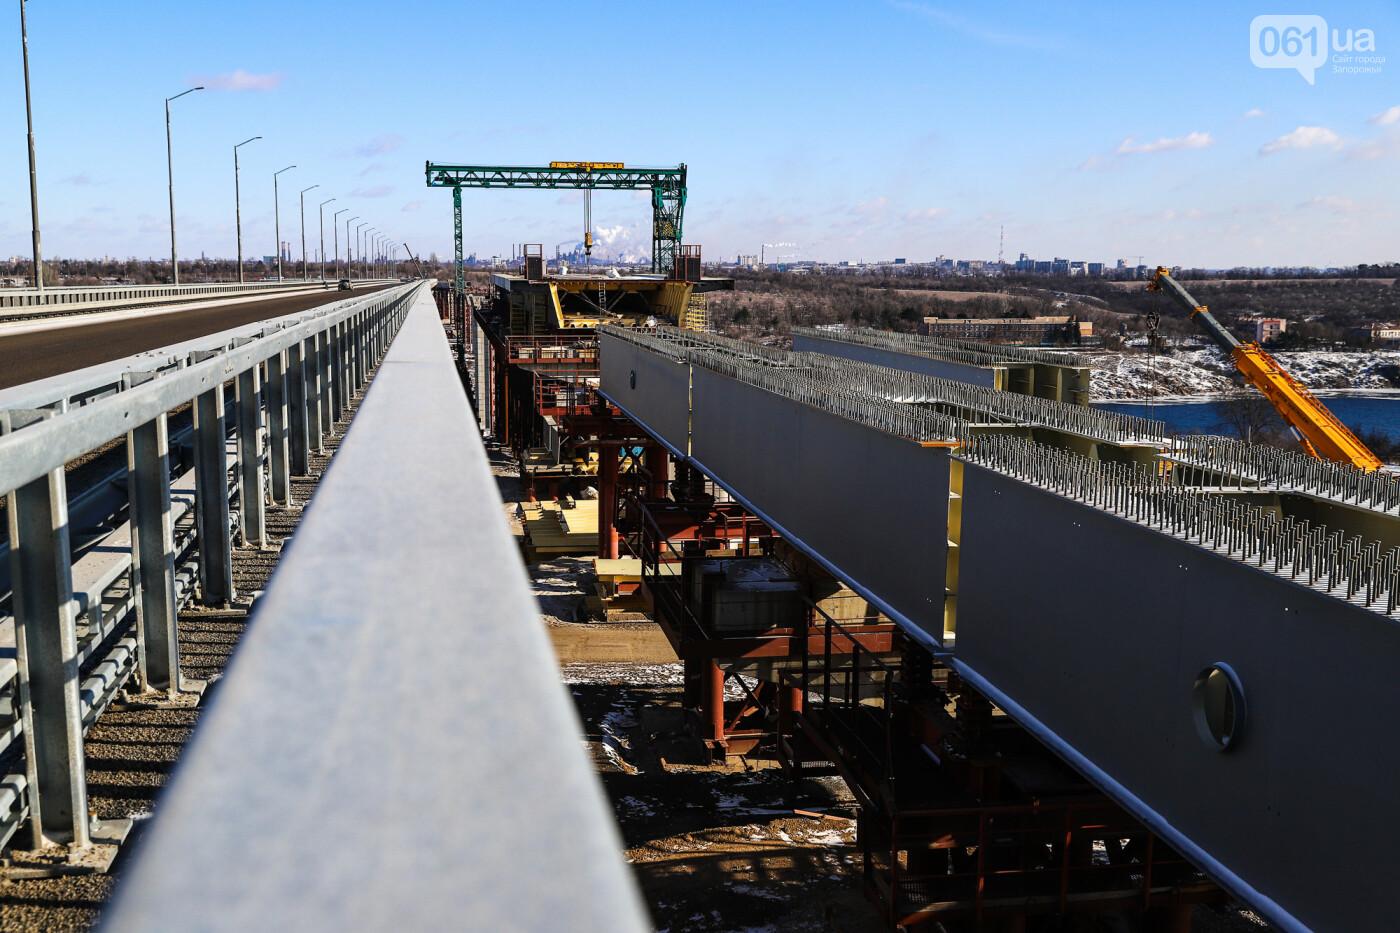 Кран с иностранной пропиской, ванты и металл: строительство запорожских мостов в фотографиях, фото-29